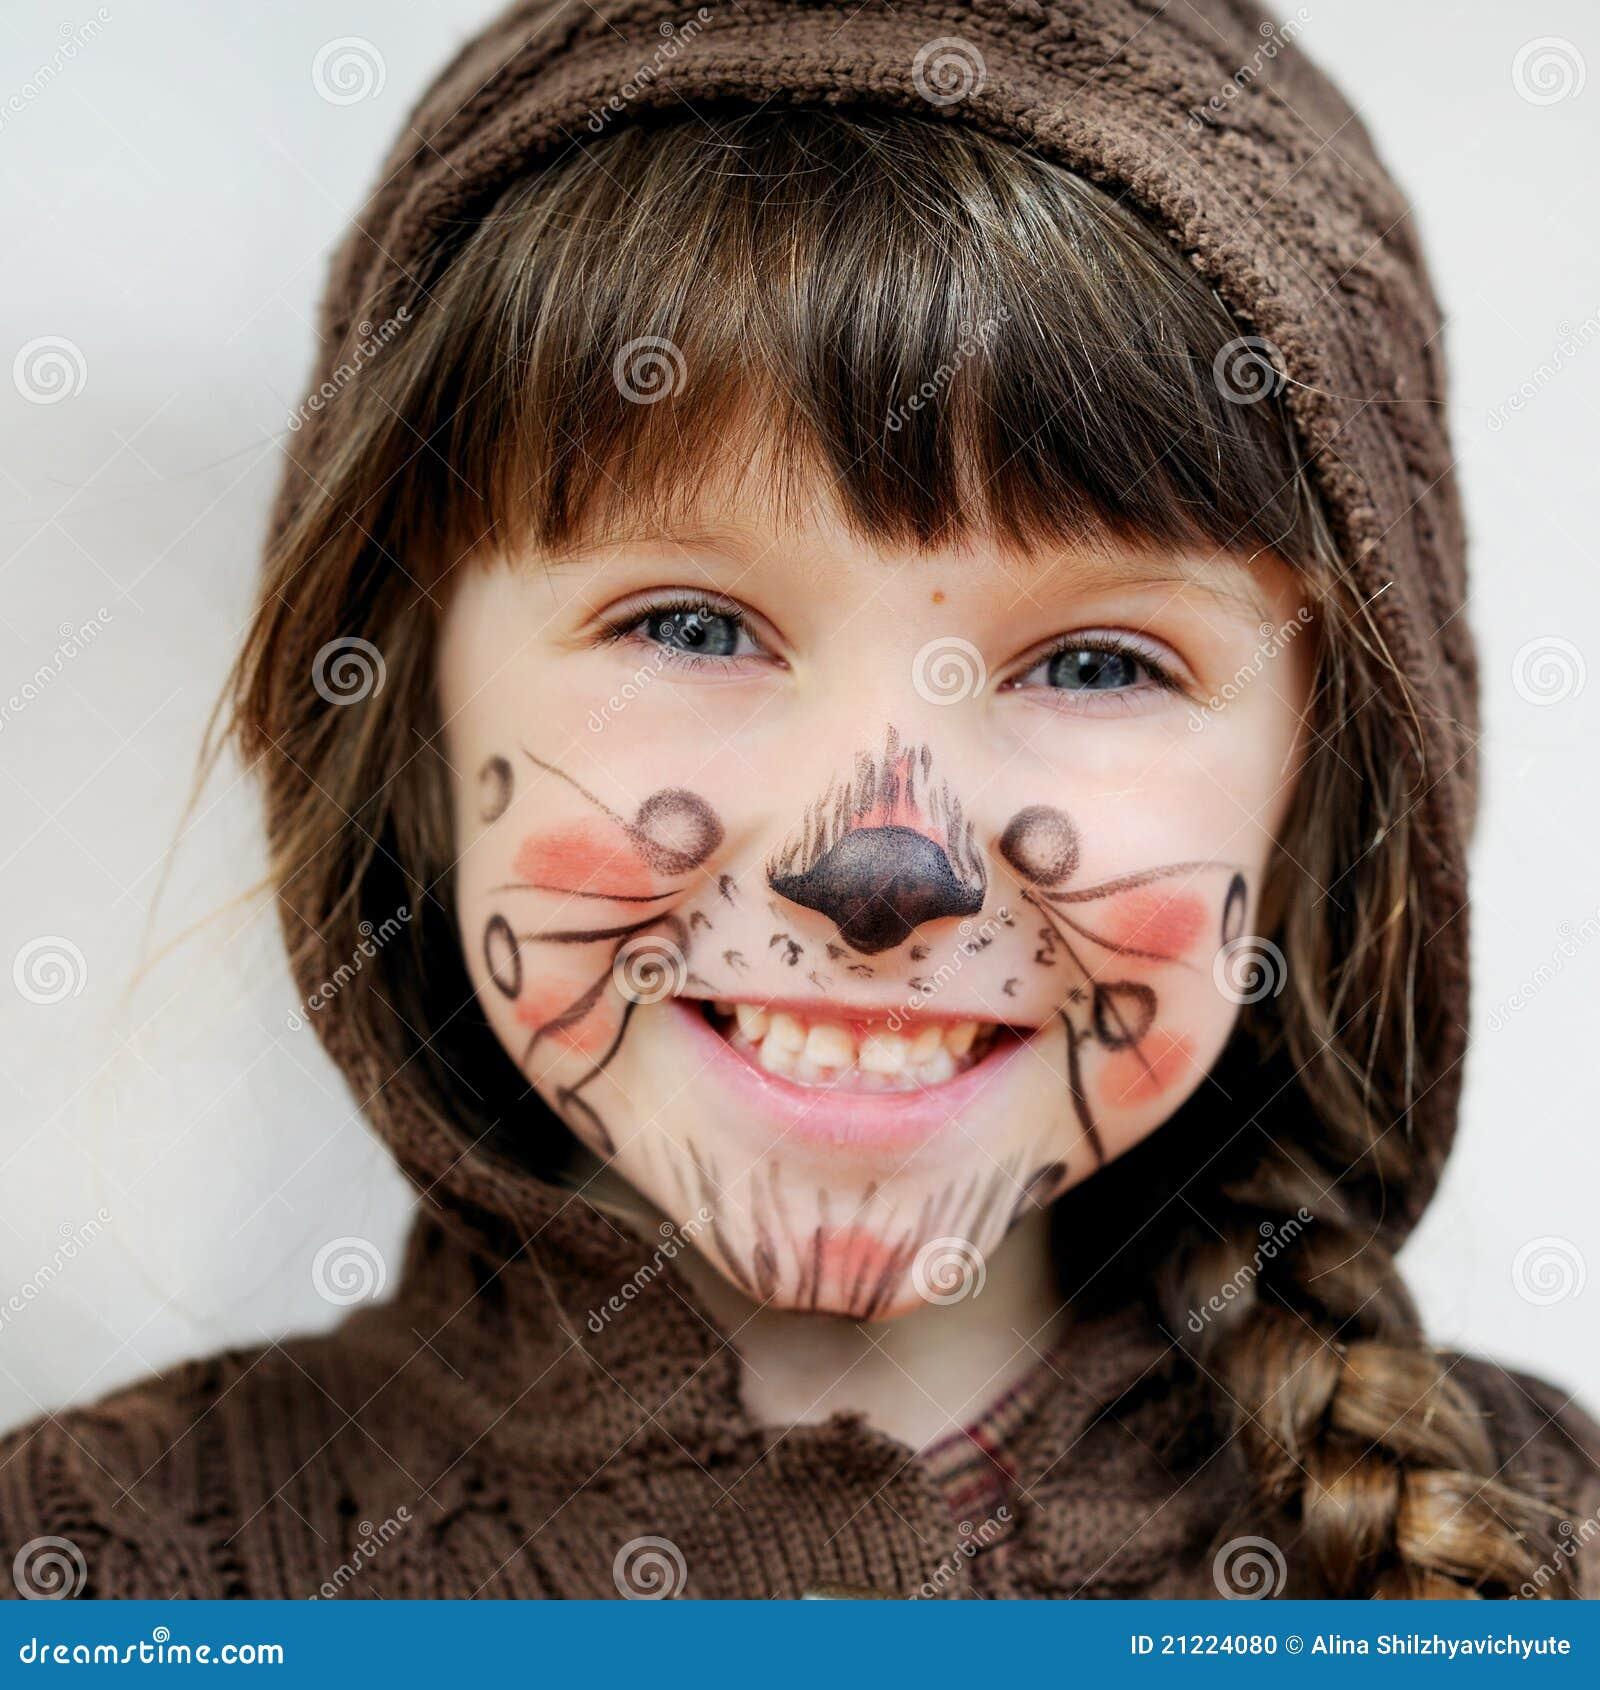 Adoraveis criancinhas  Menina-ador%C3%A1vel-da-crian%C3%A7a-com-face-pintada-21224080